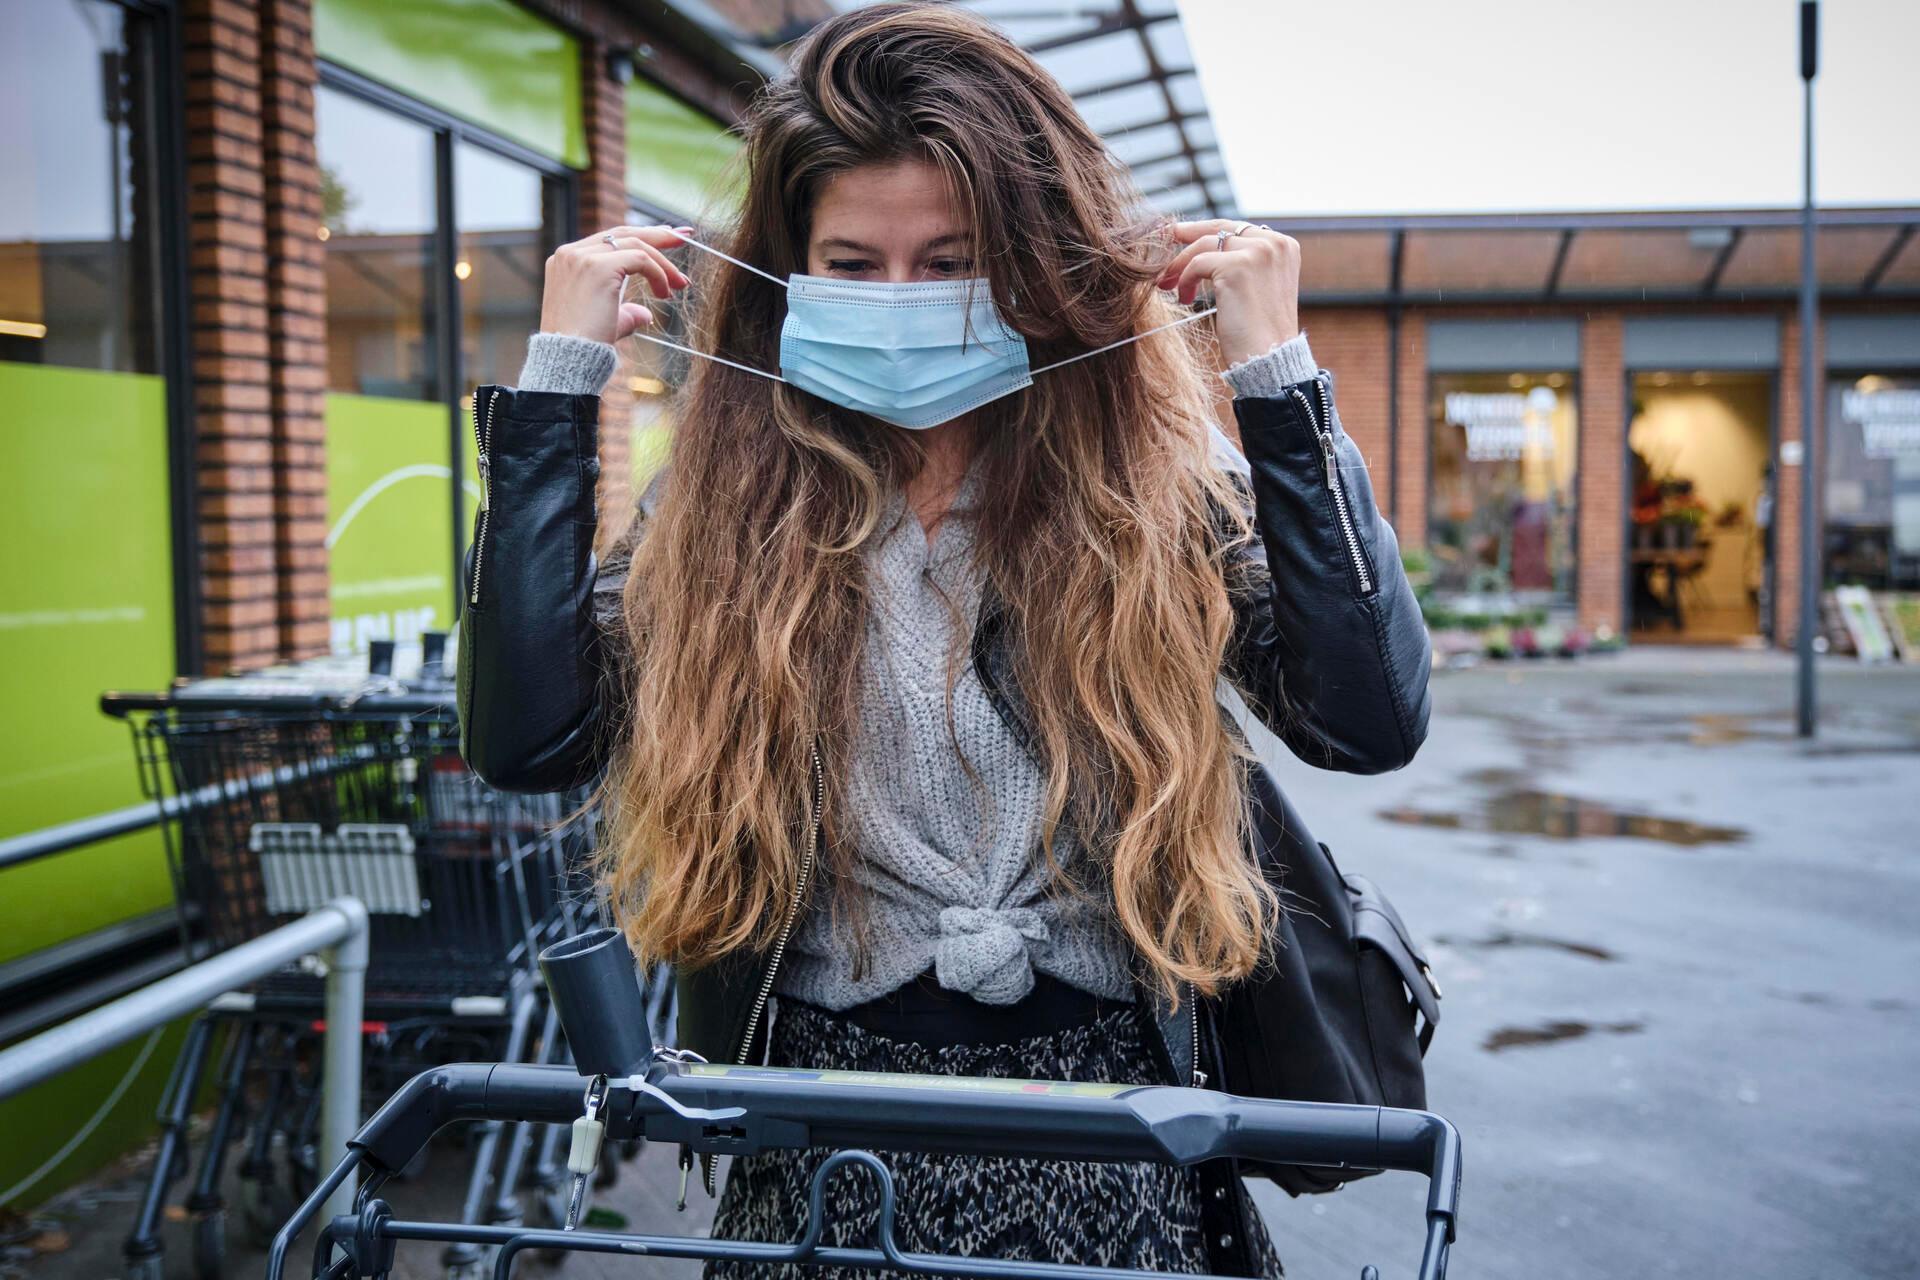 Dagelijks leven: Mondkapje dragen in supermarkt